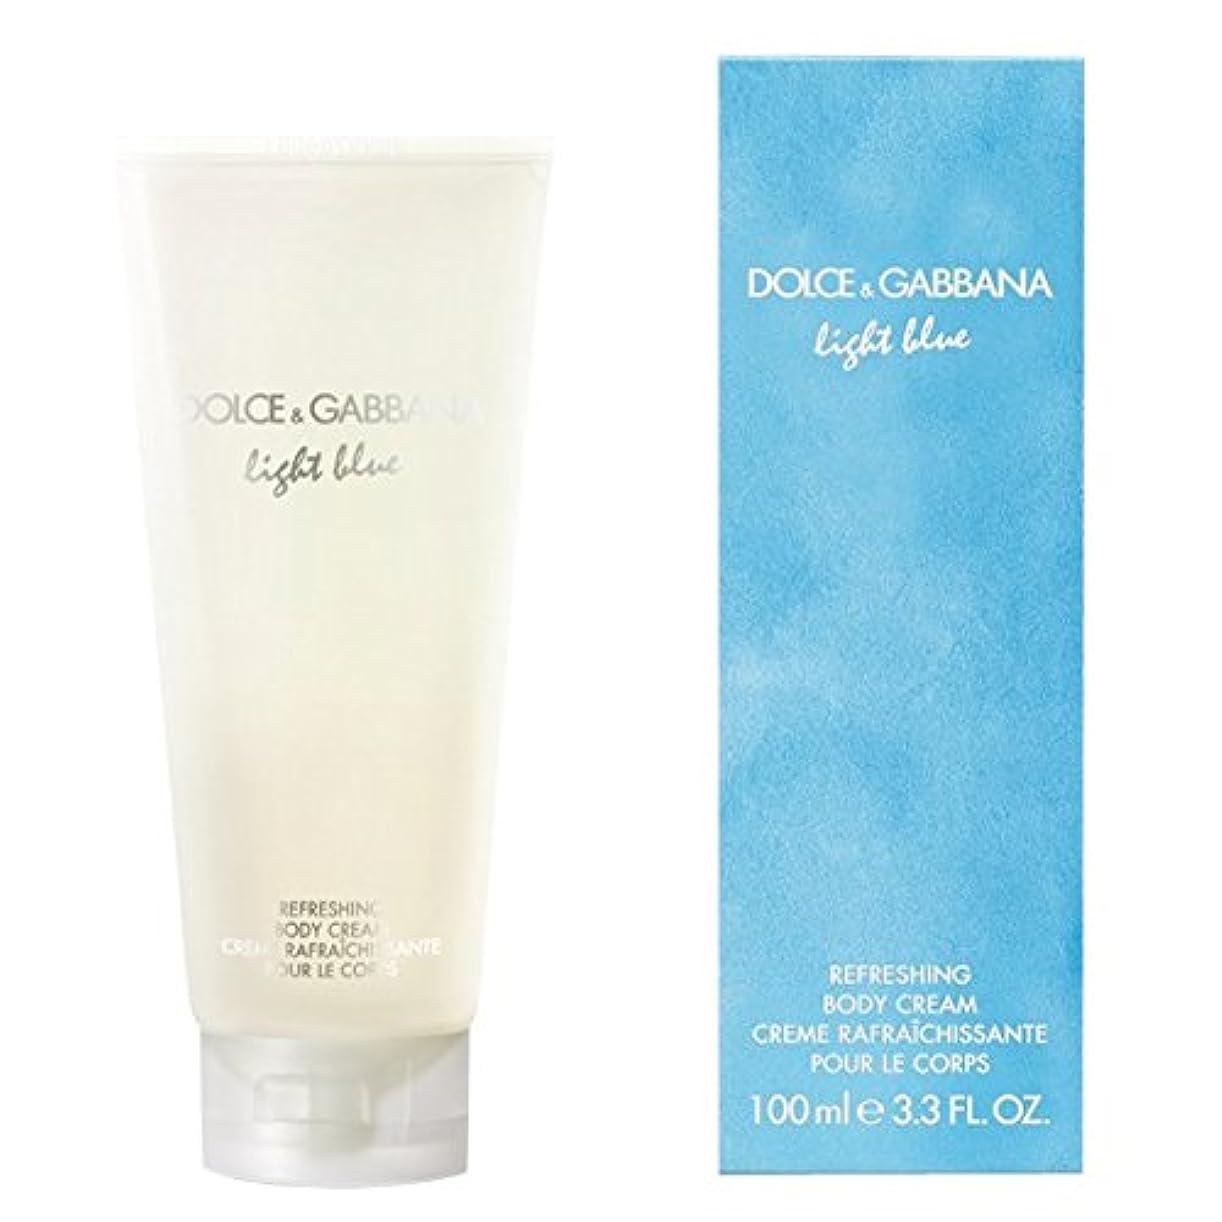 スパンごみ言語学ドルチェ&ガッバーナライトブルーの爽やかなボディクリーム200ミリリットル (Dolce & Gabbana) - Dolce & Gabbana Light Blue Refreshing Body Cream 200ml...